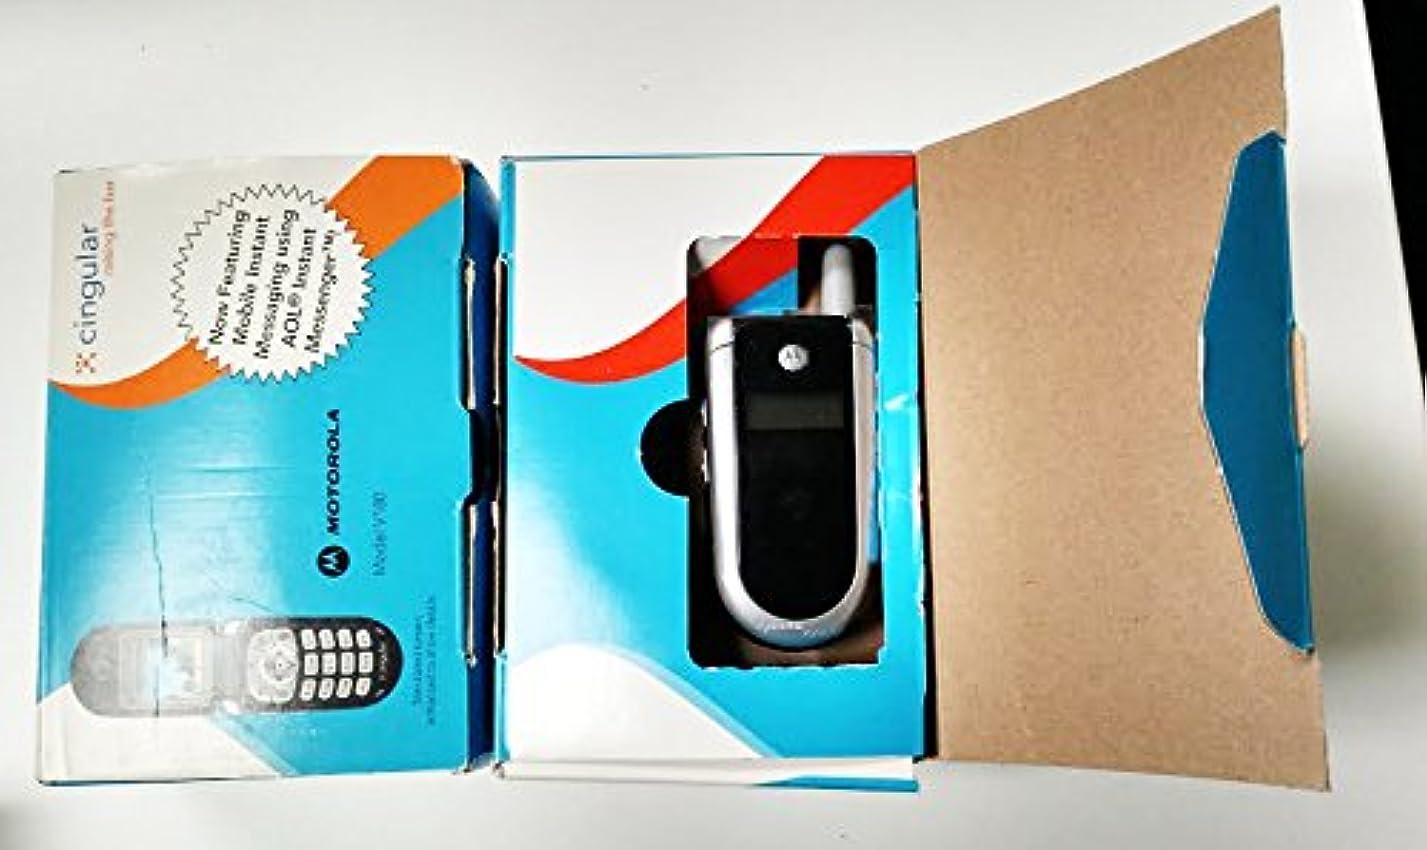 Motorola V180 Cell Phone ATT BRAND NEW IN BOX gx76054701